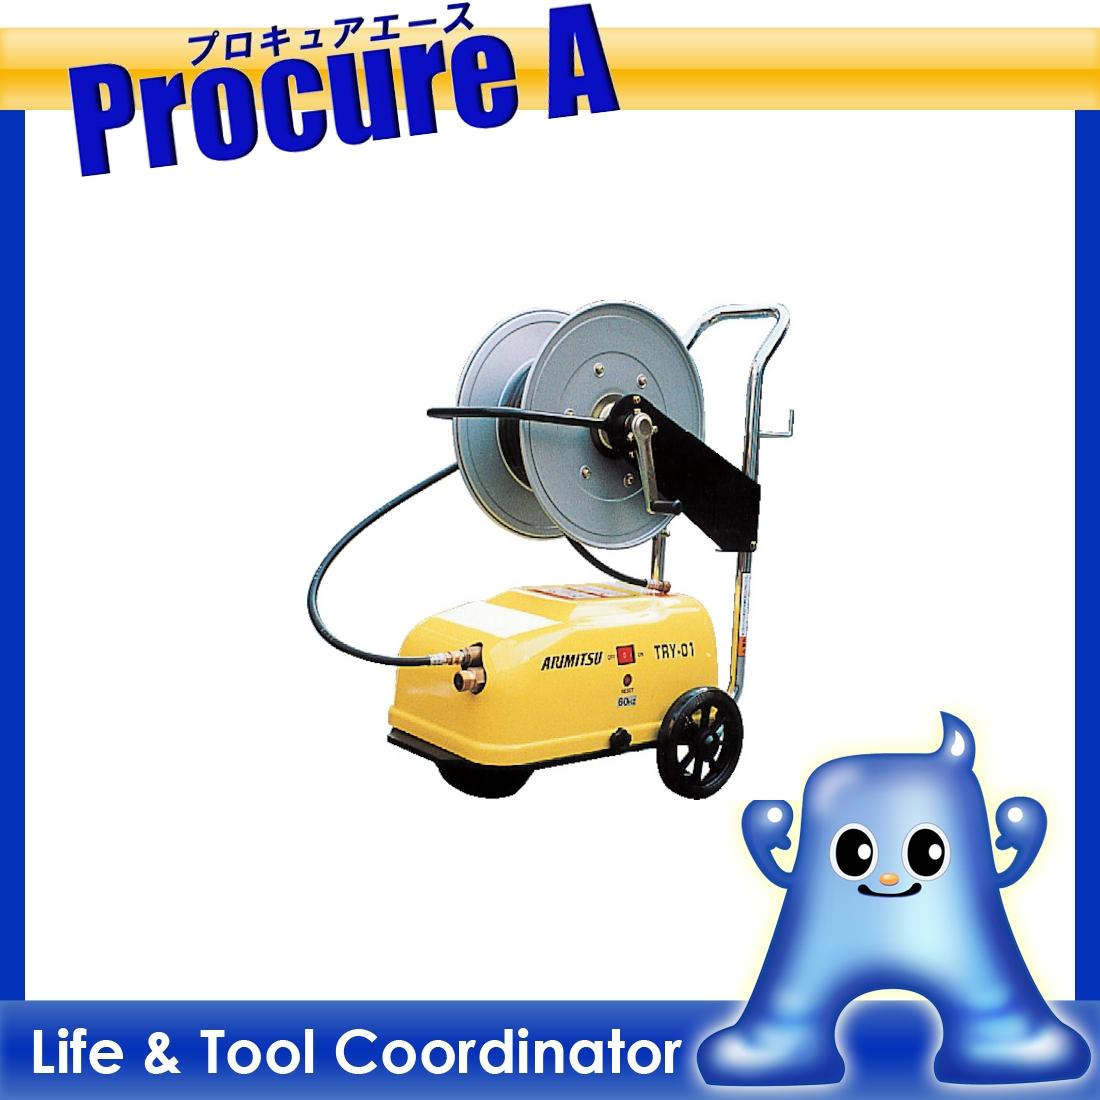 有光 高圧洗浄機 TRY-01 単相100V TRY-01 ▼455-3331[112759][APA] 有光工業(株) 【代引決済不可 メーカー取寄料(要)】